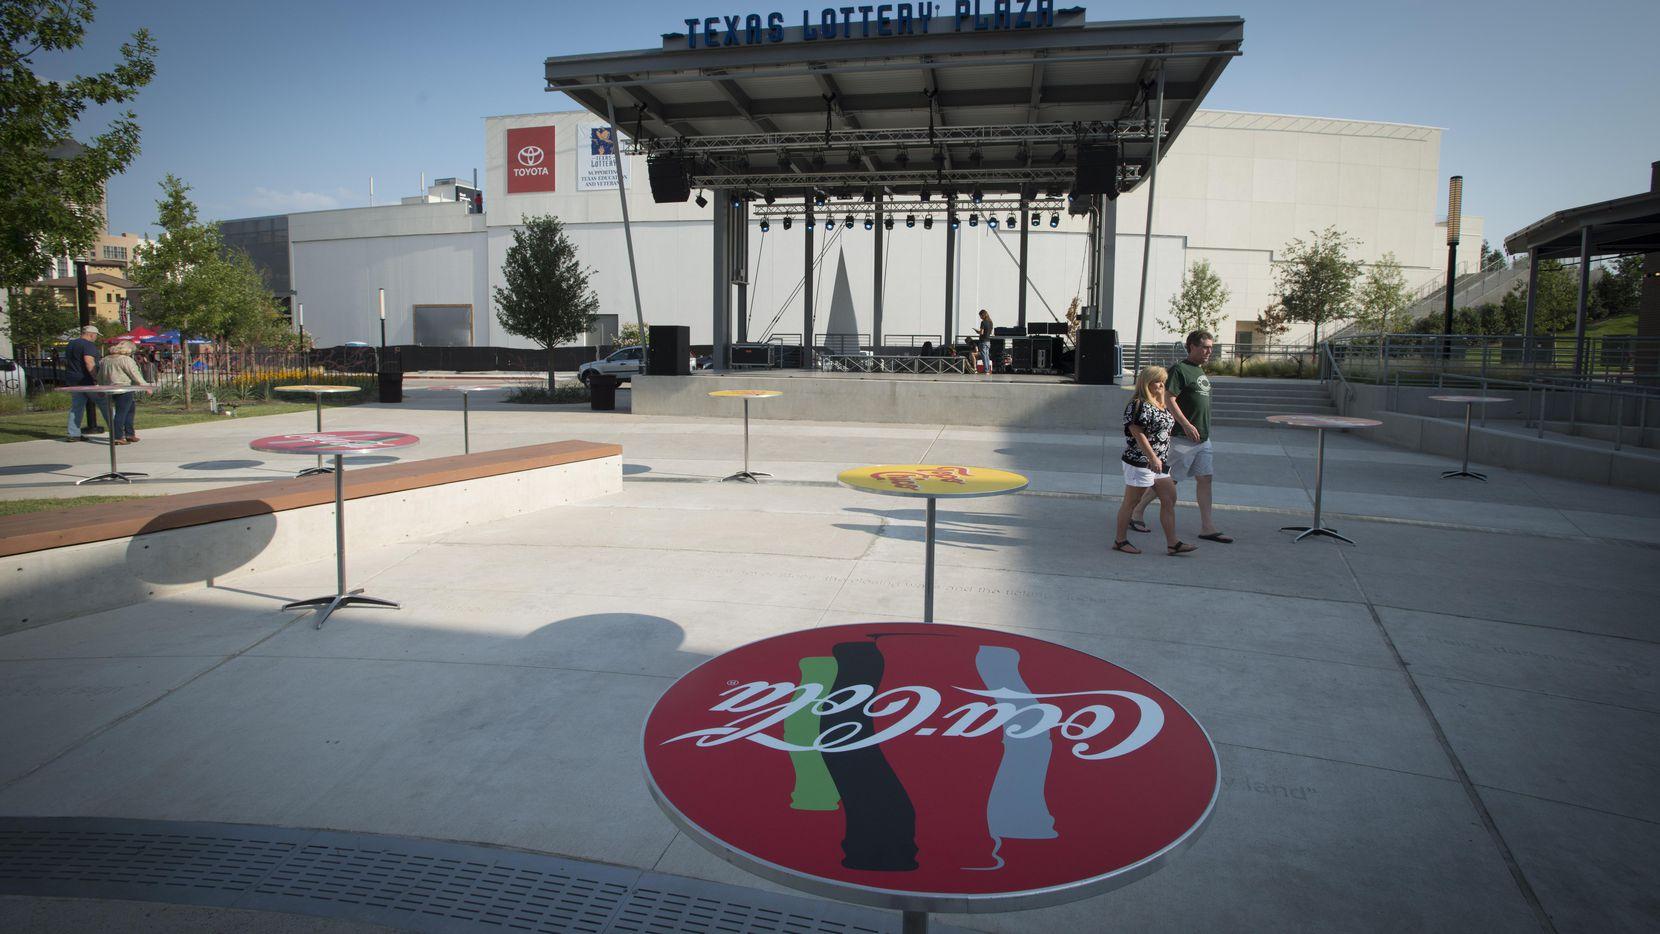 Demandantes afirman que la Texas Lottery Plaza no fue construida como se debía y, como consecuencia, hay menos espacio, y menos estacionamientos (DMN/ROBERT W. HART)